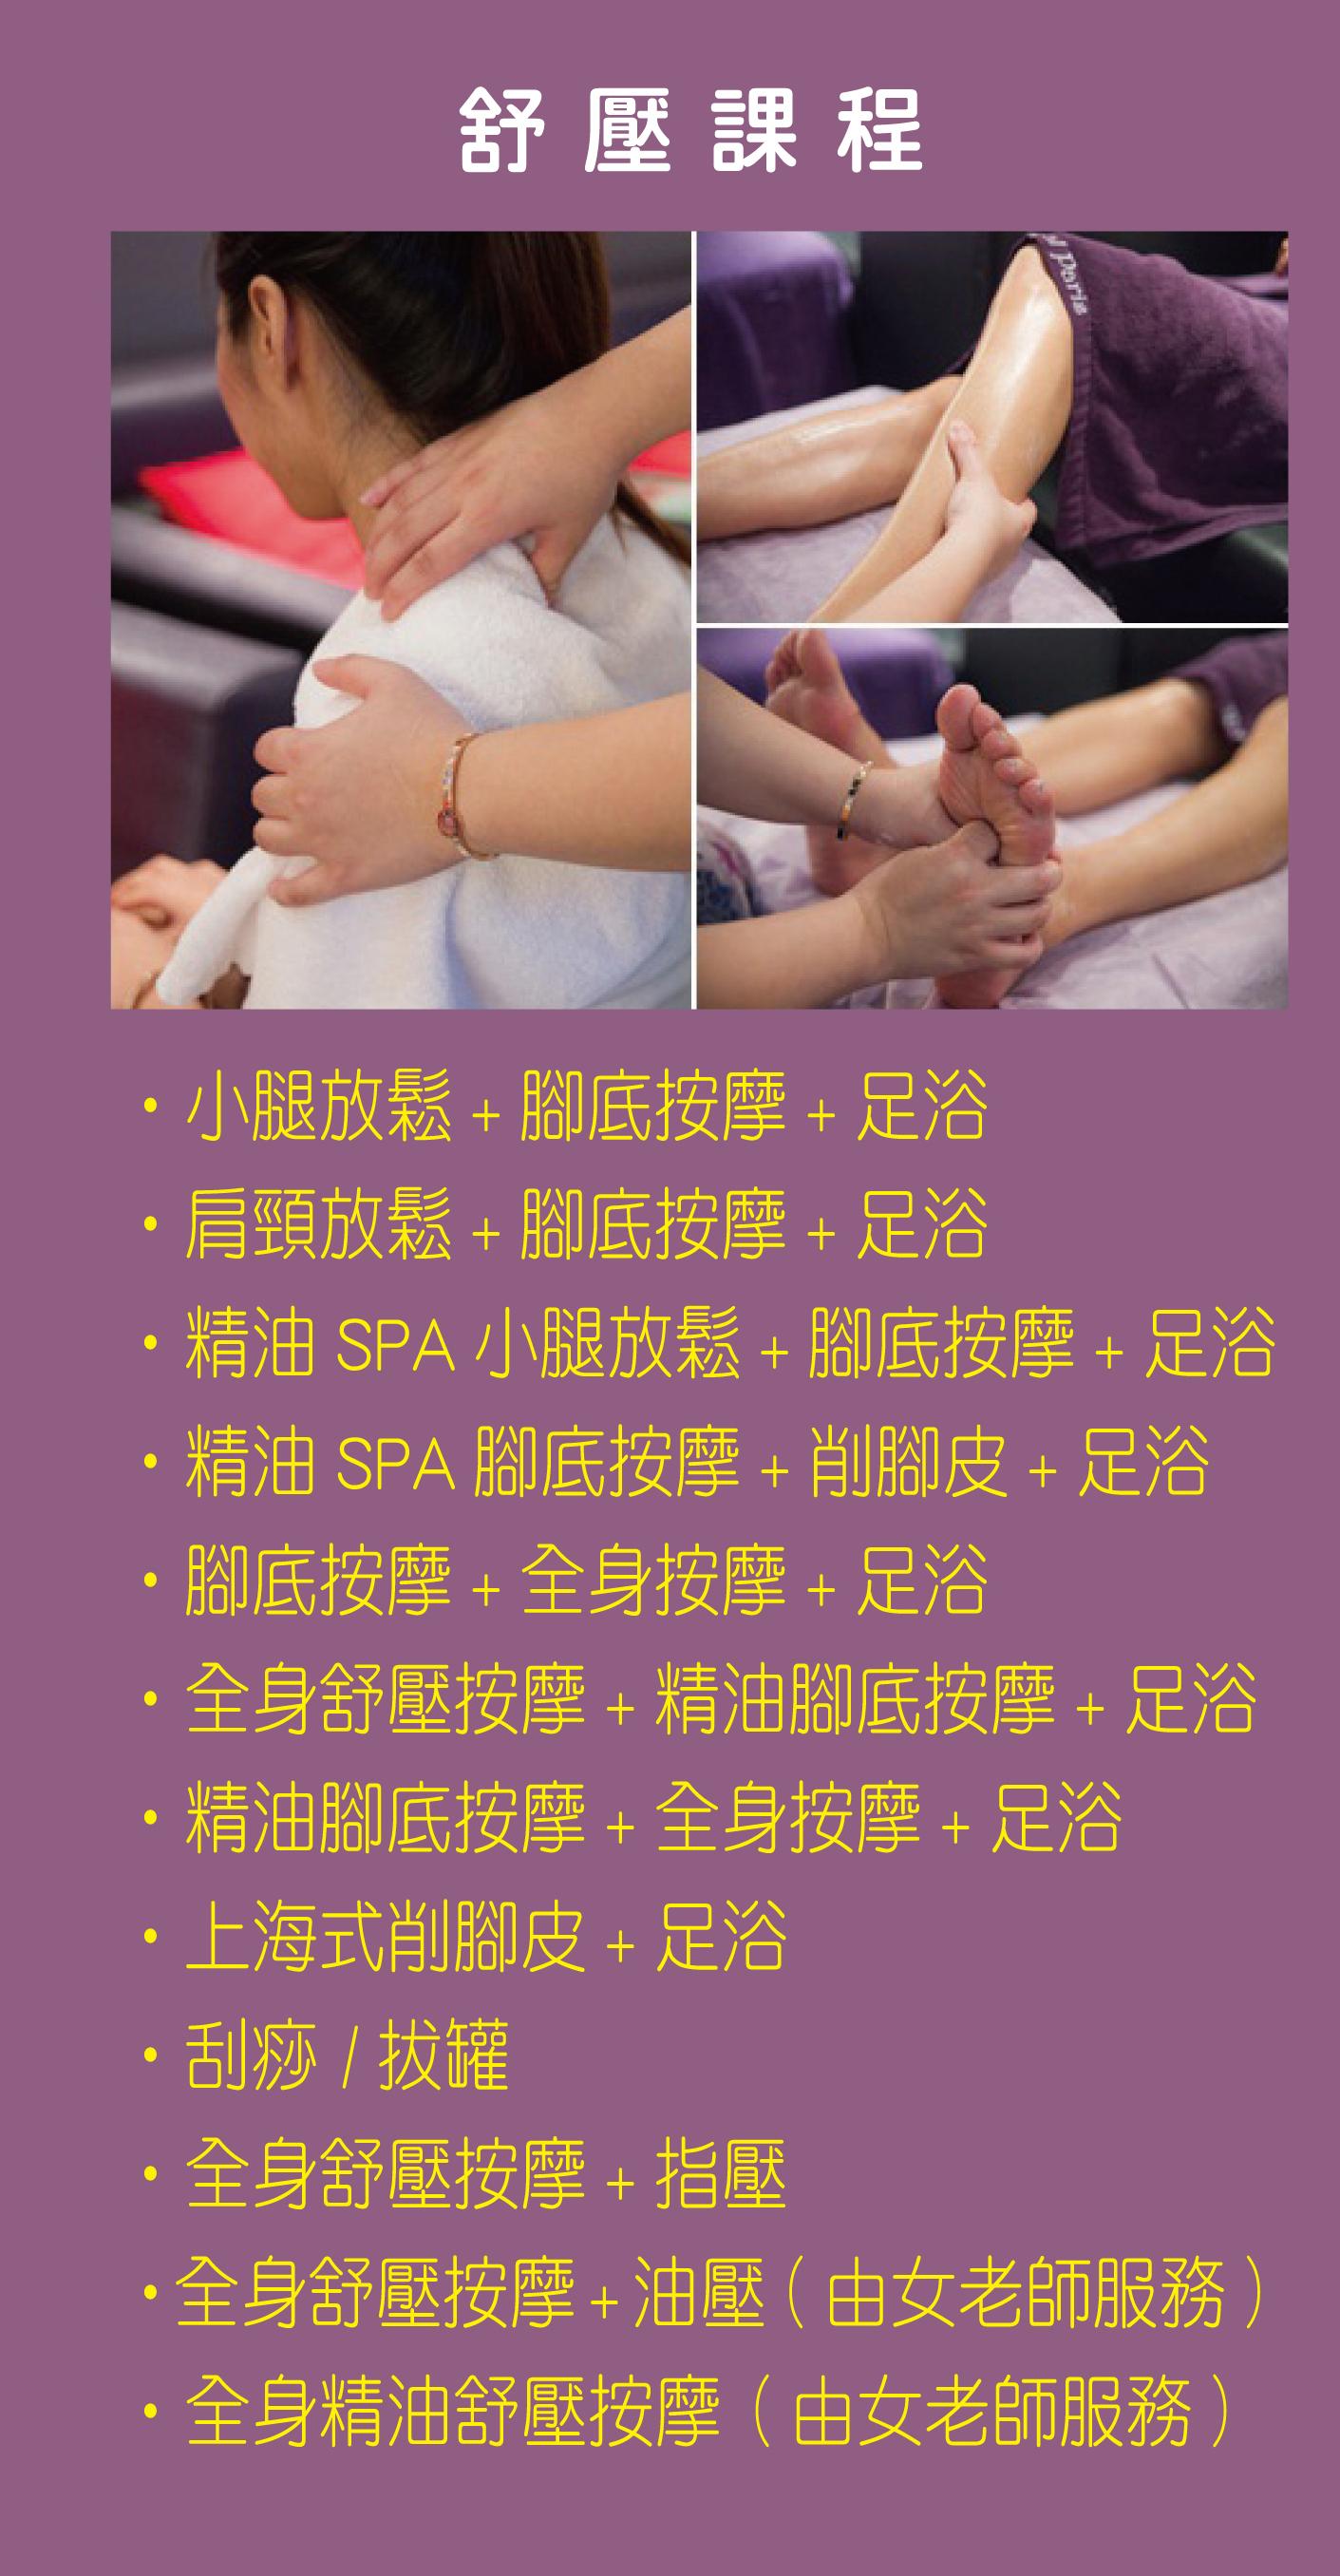 台北皇家巴黎會館舒壓課程一覽。